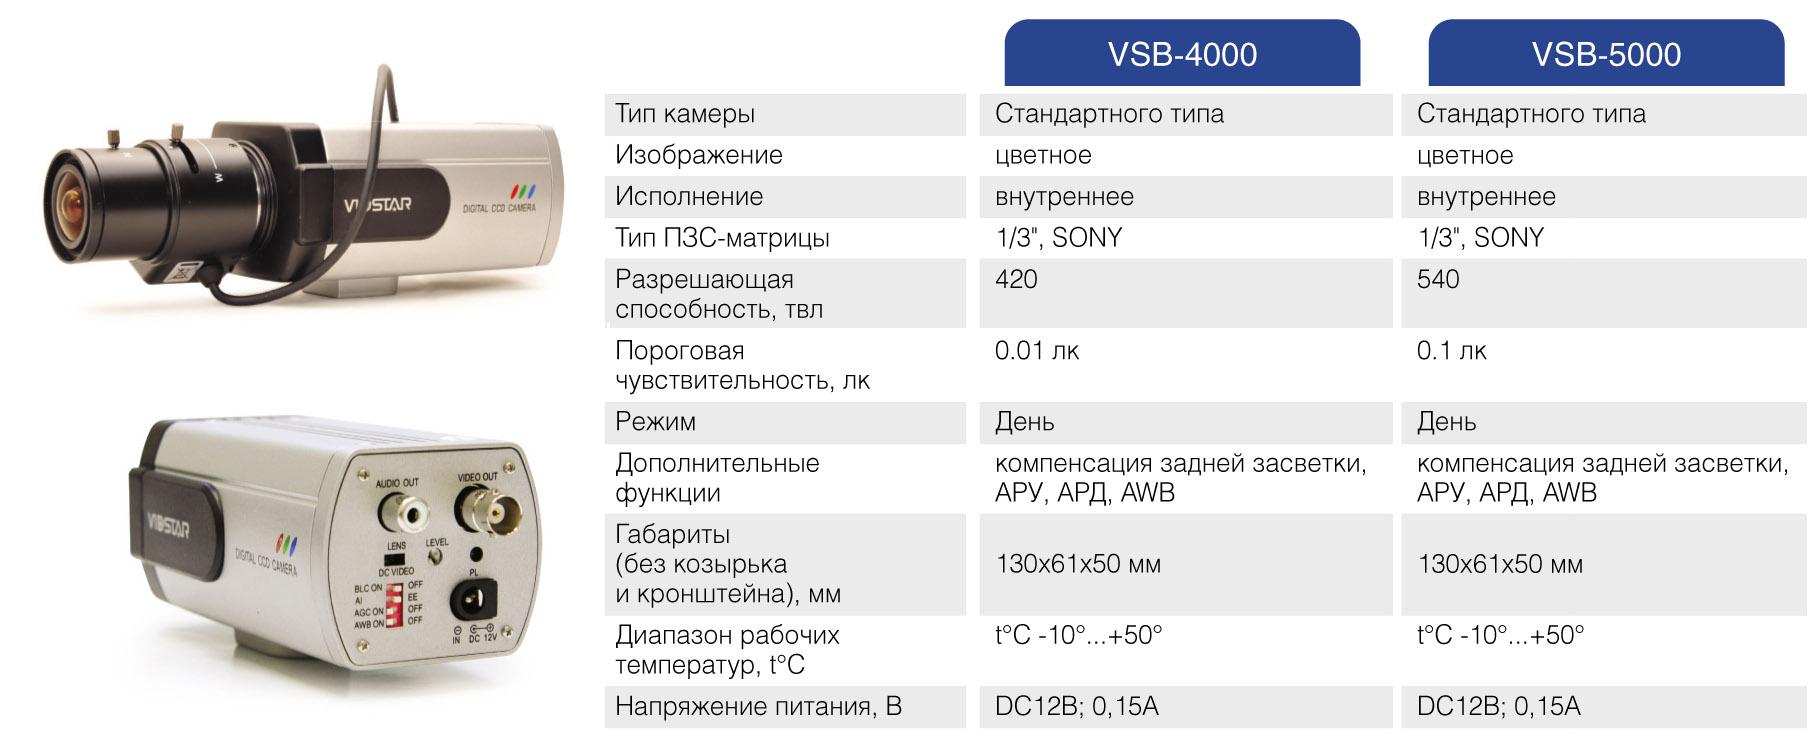 Купить комплект камер наружного видеонаблюдения на 4 камеры